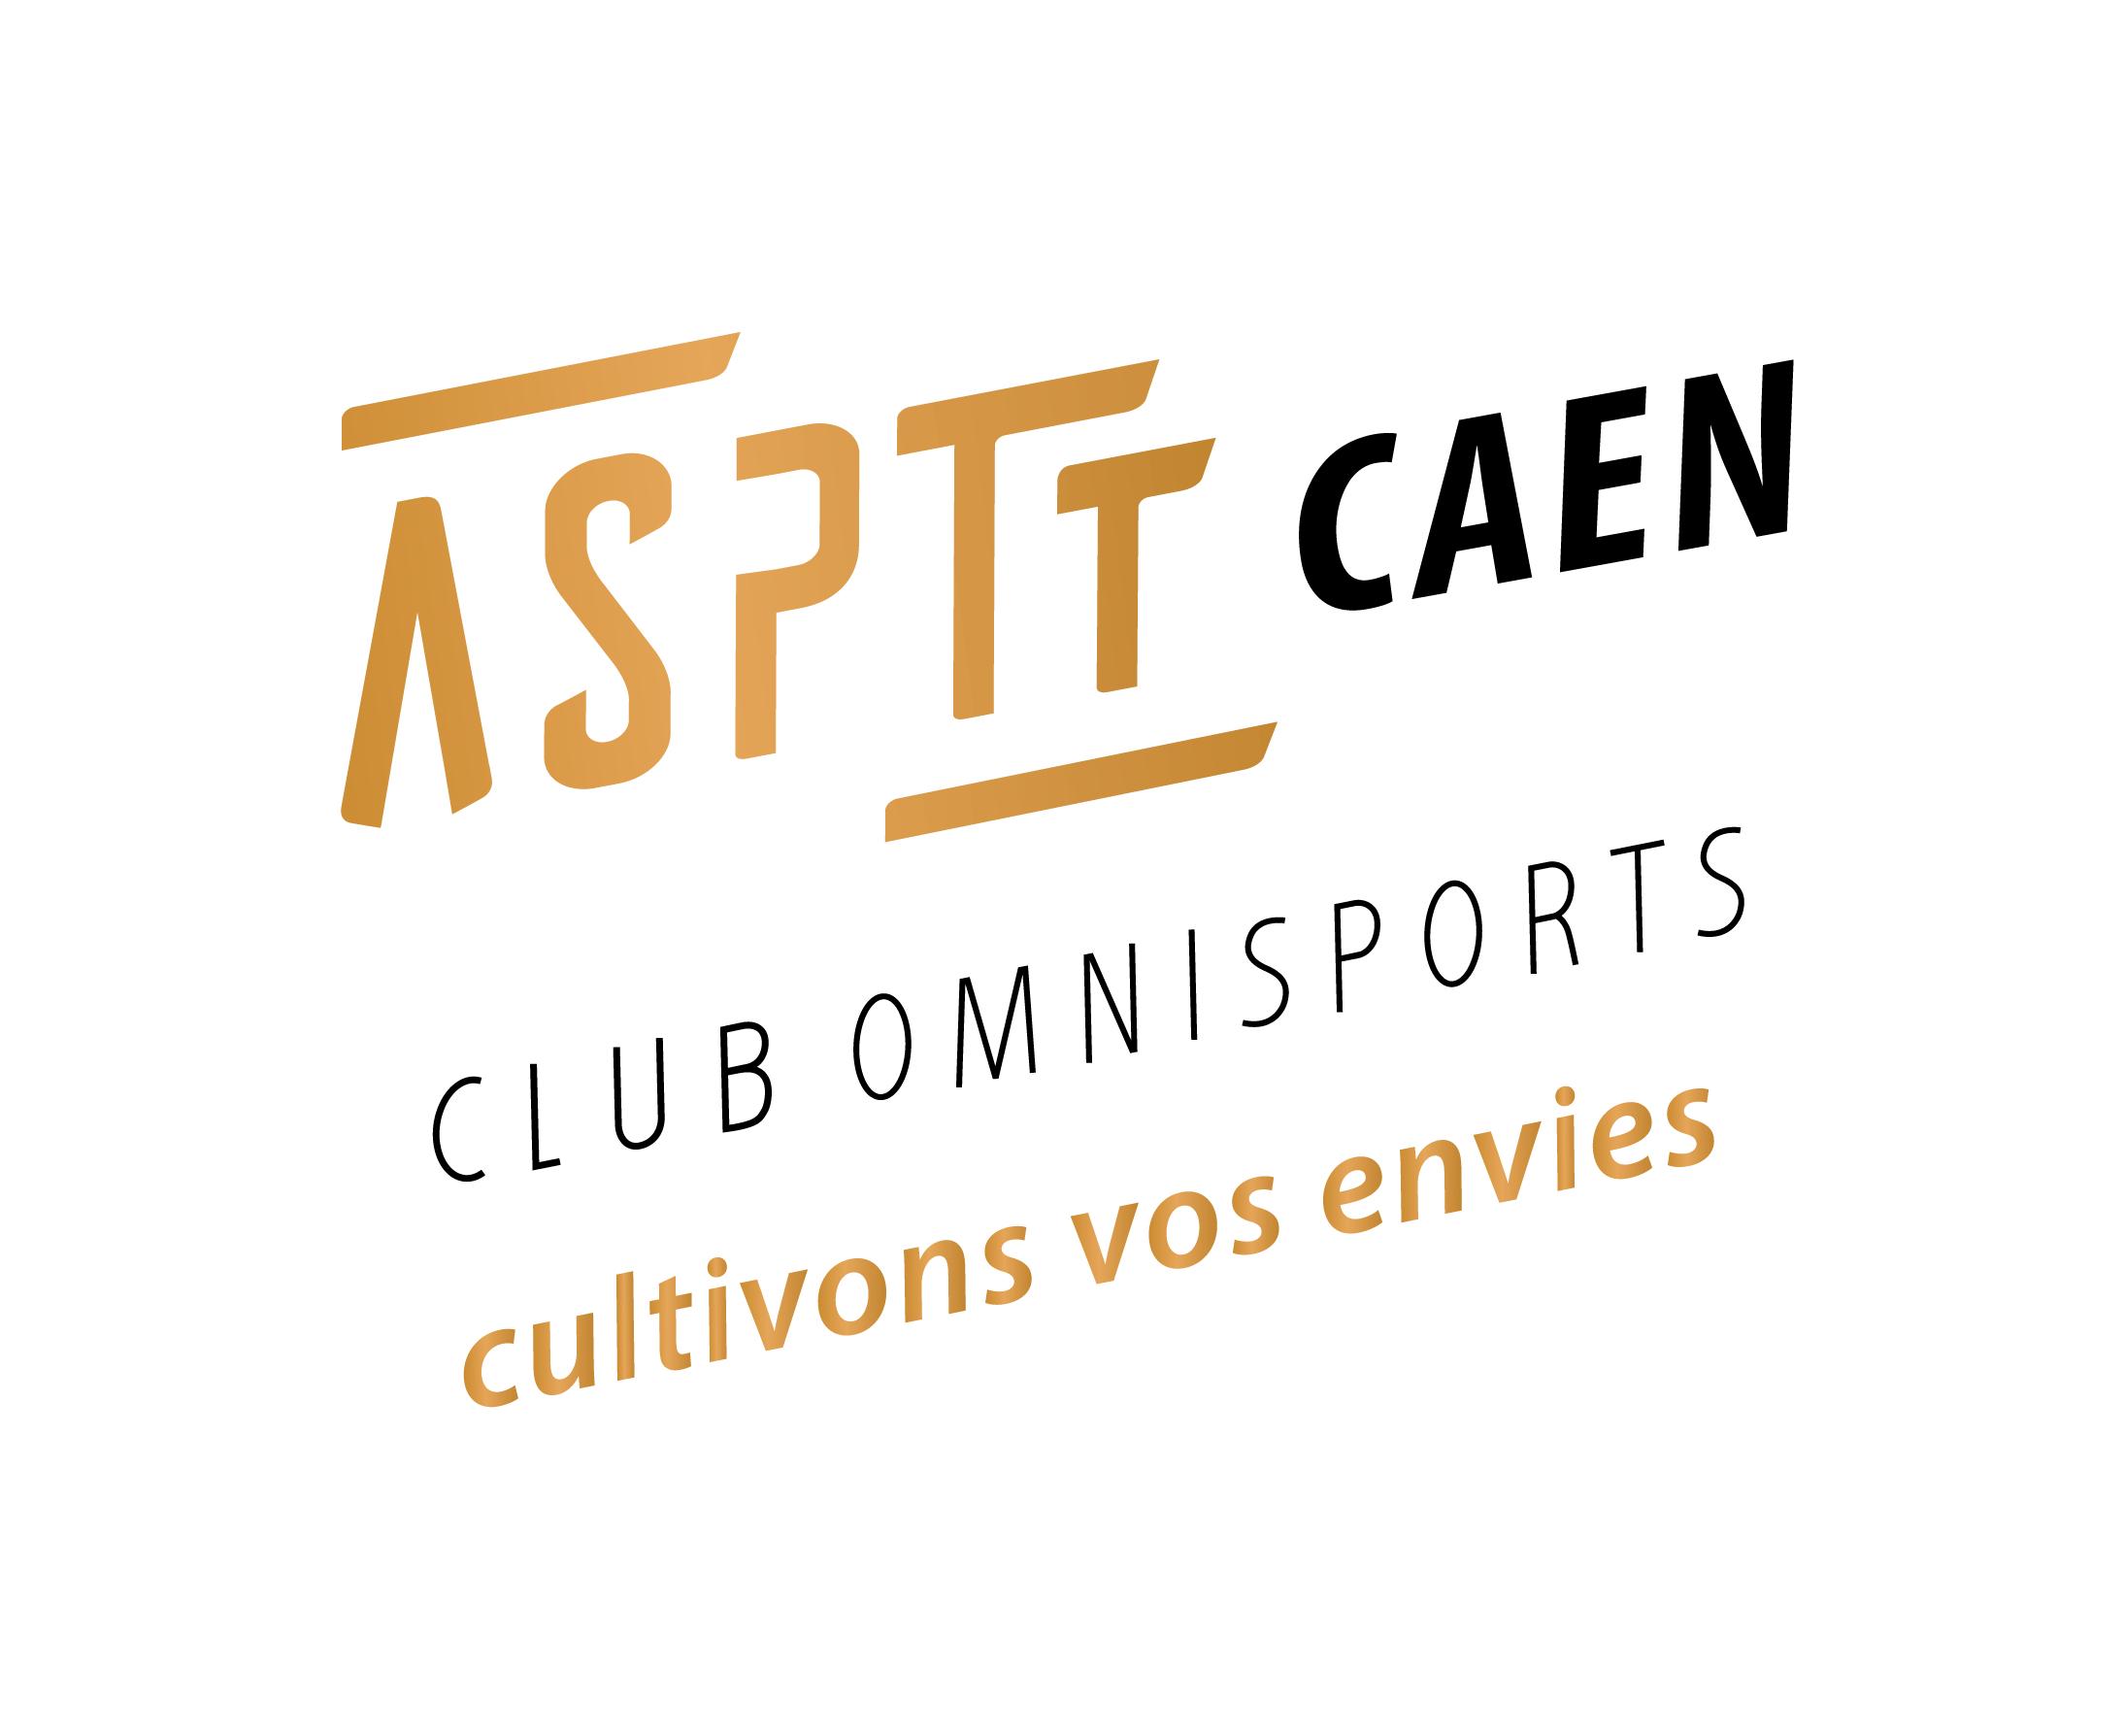 Club omnisports ouvert à tous : 1 club 16 activités